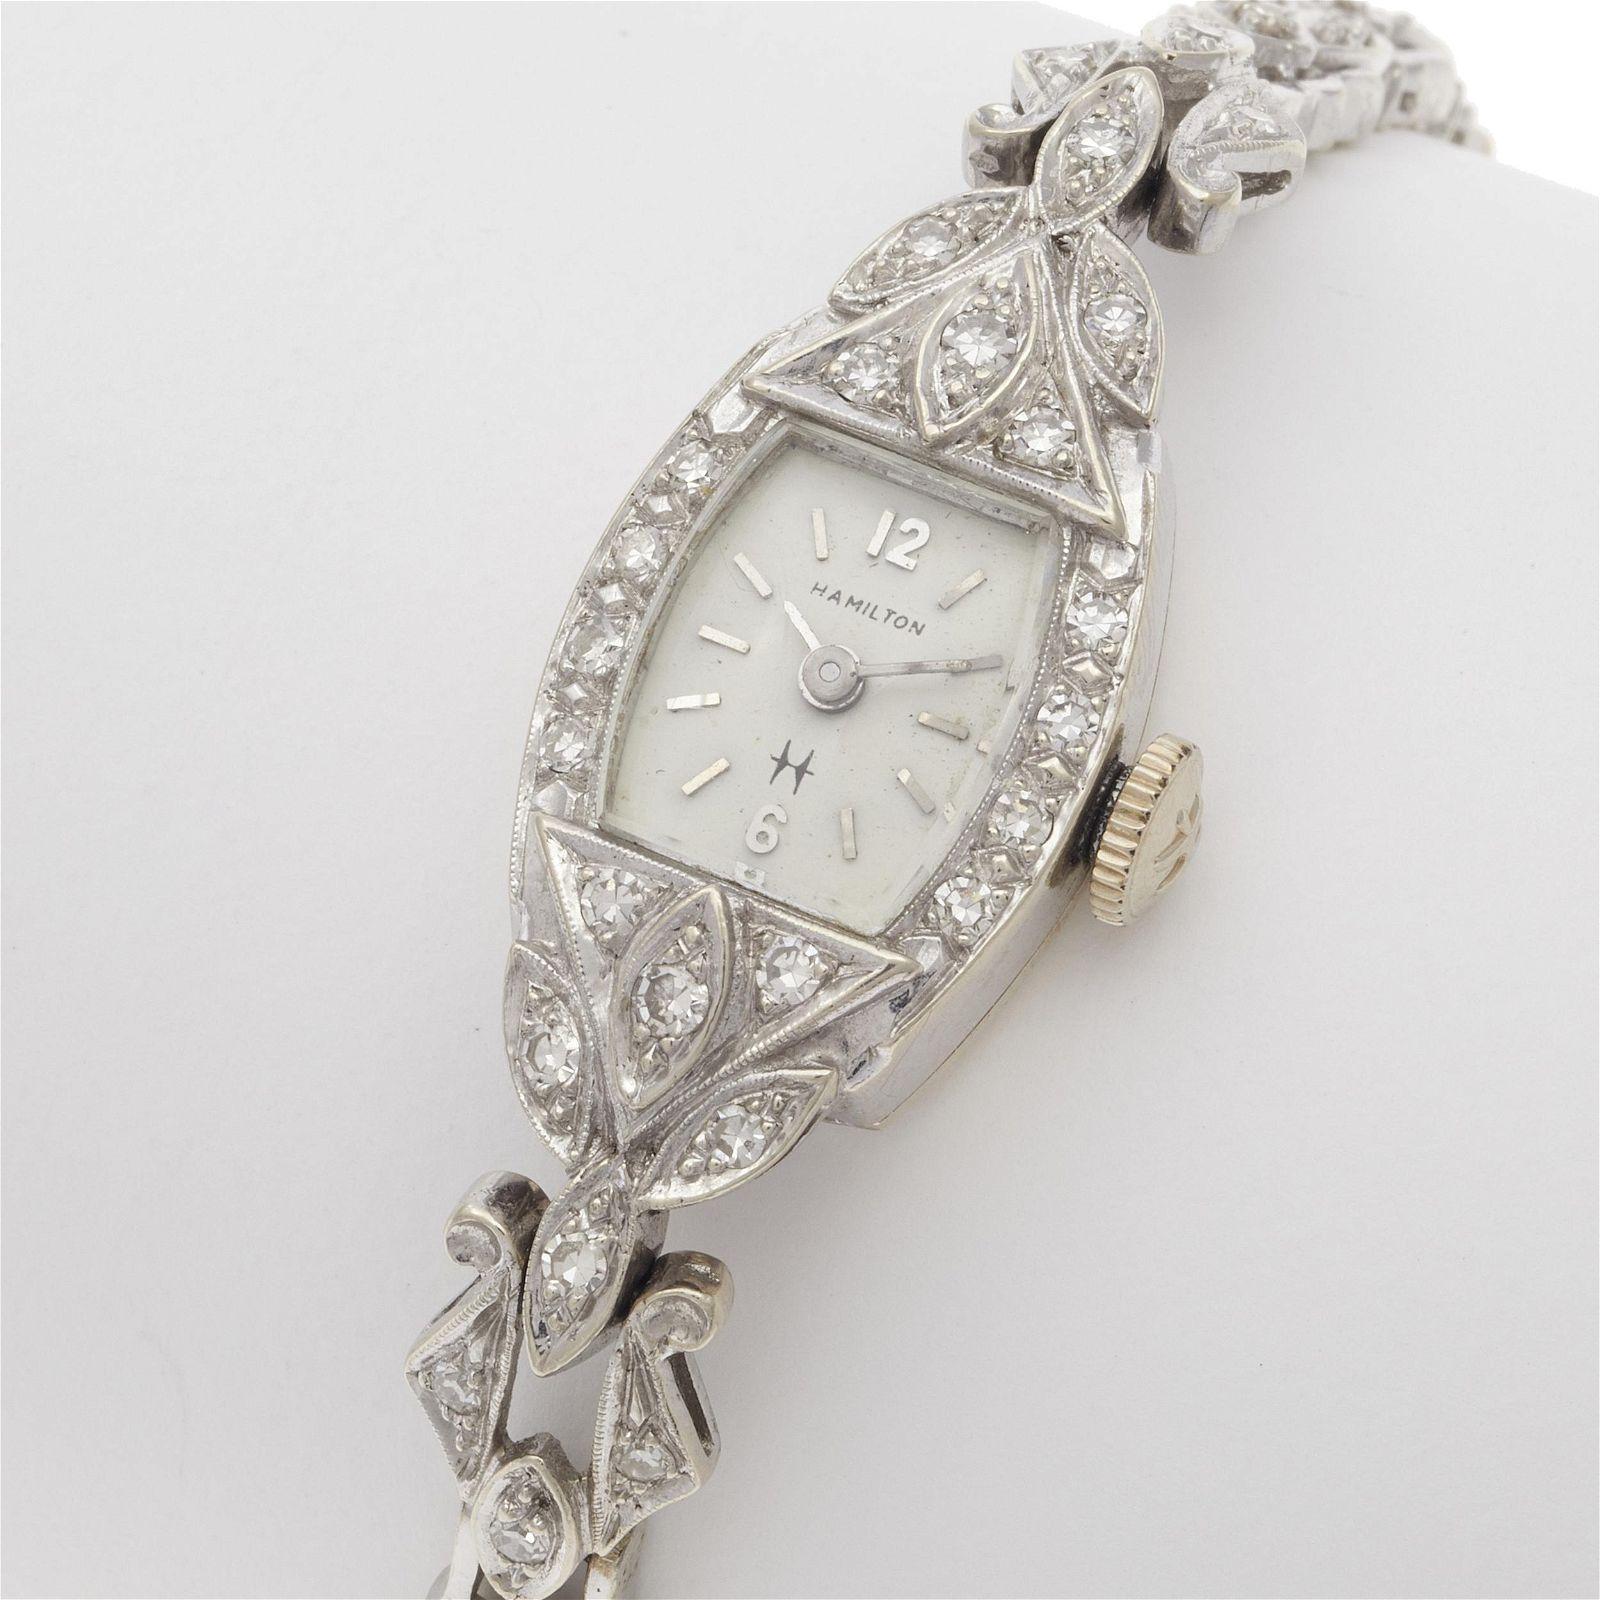 Ladies Hamilton Diamond, 14k White Gold Wristwatch